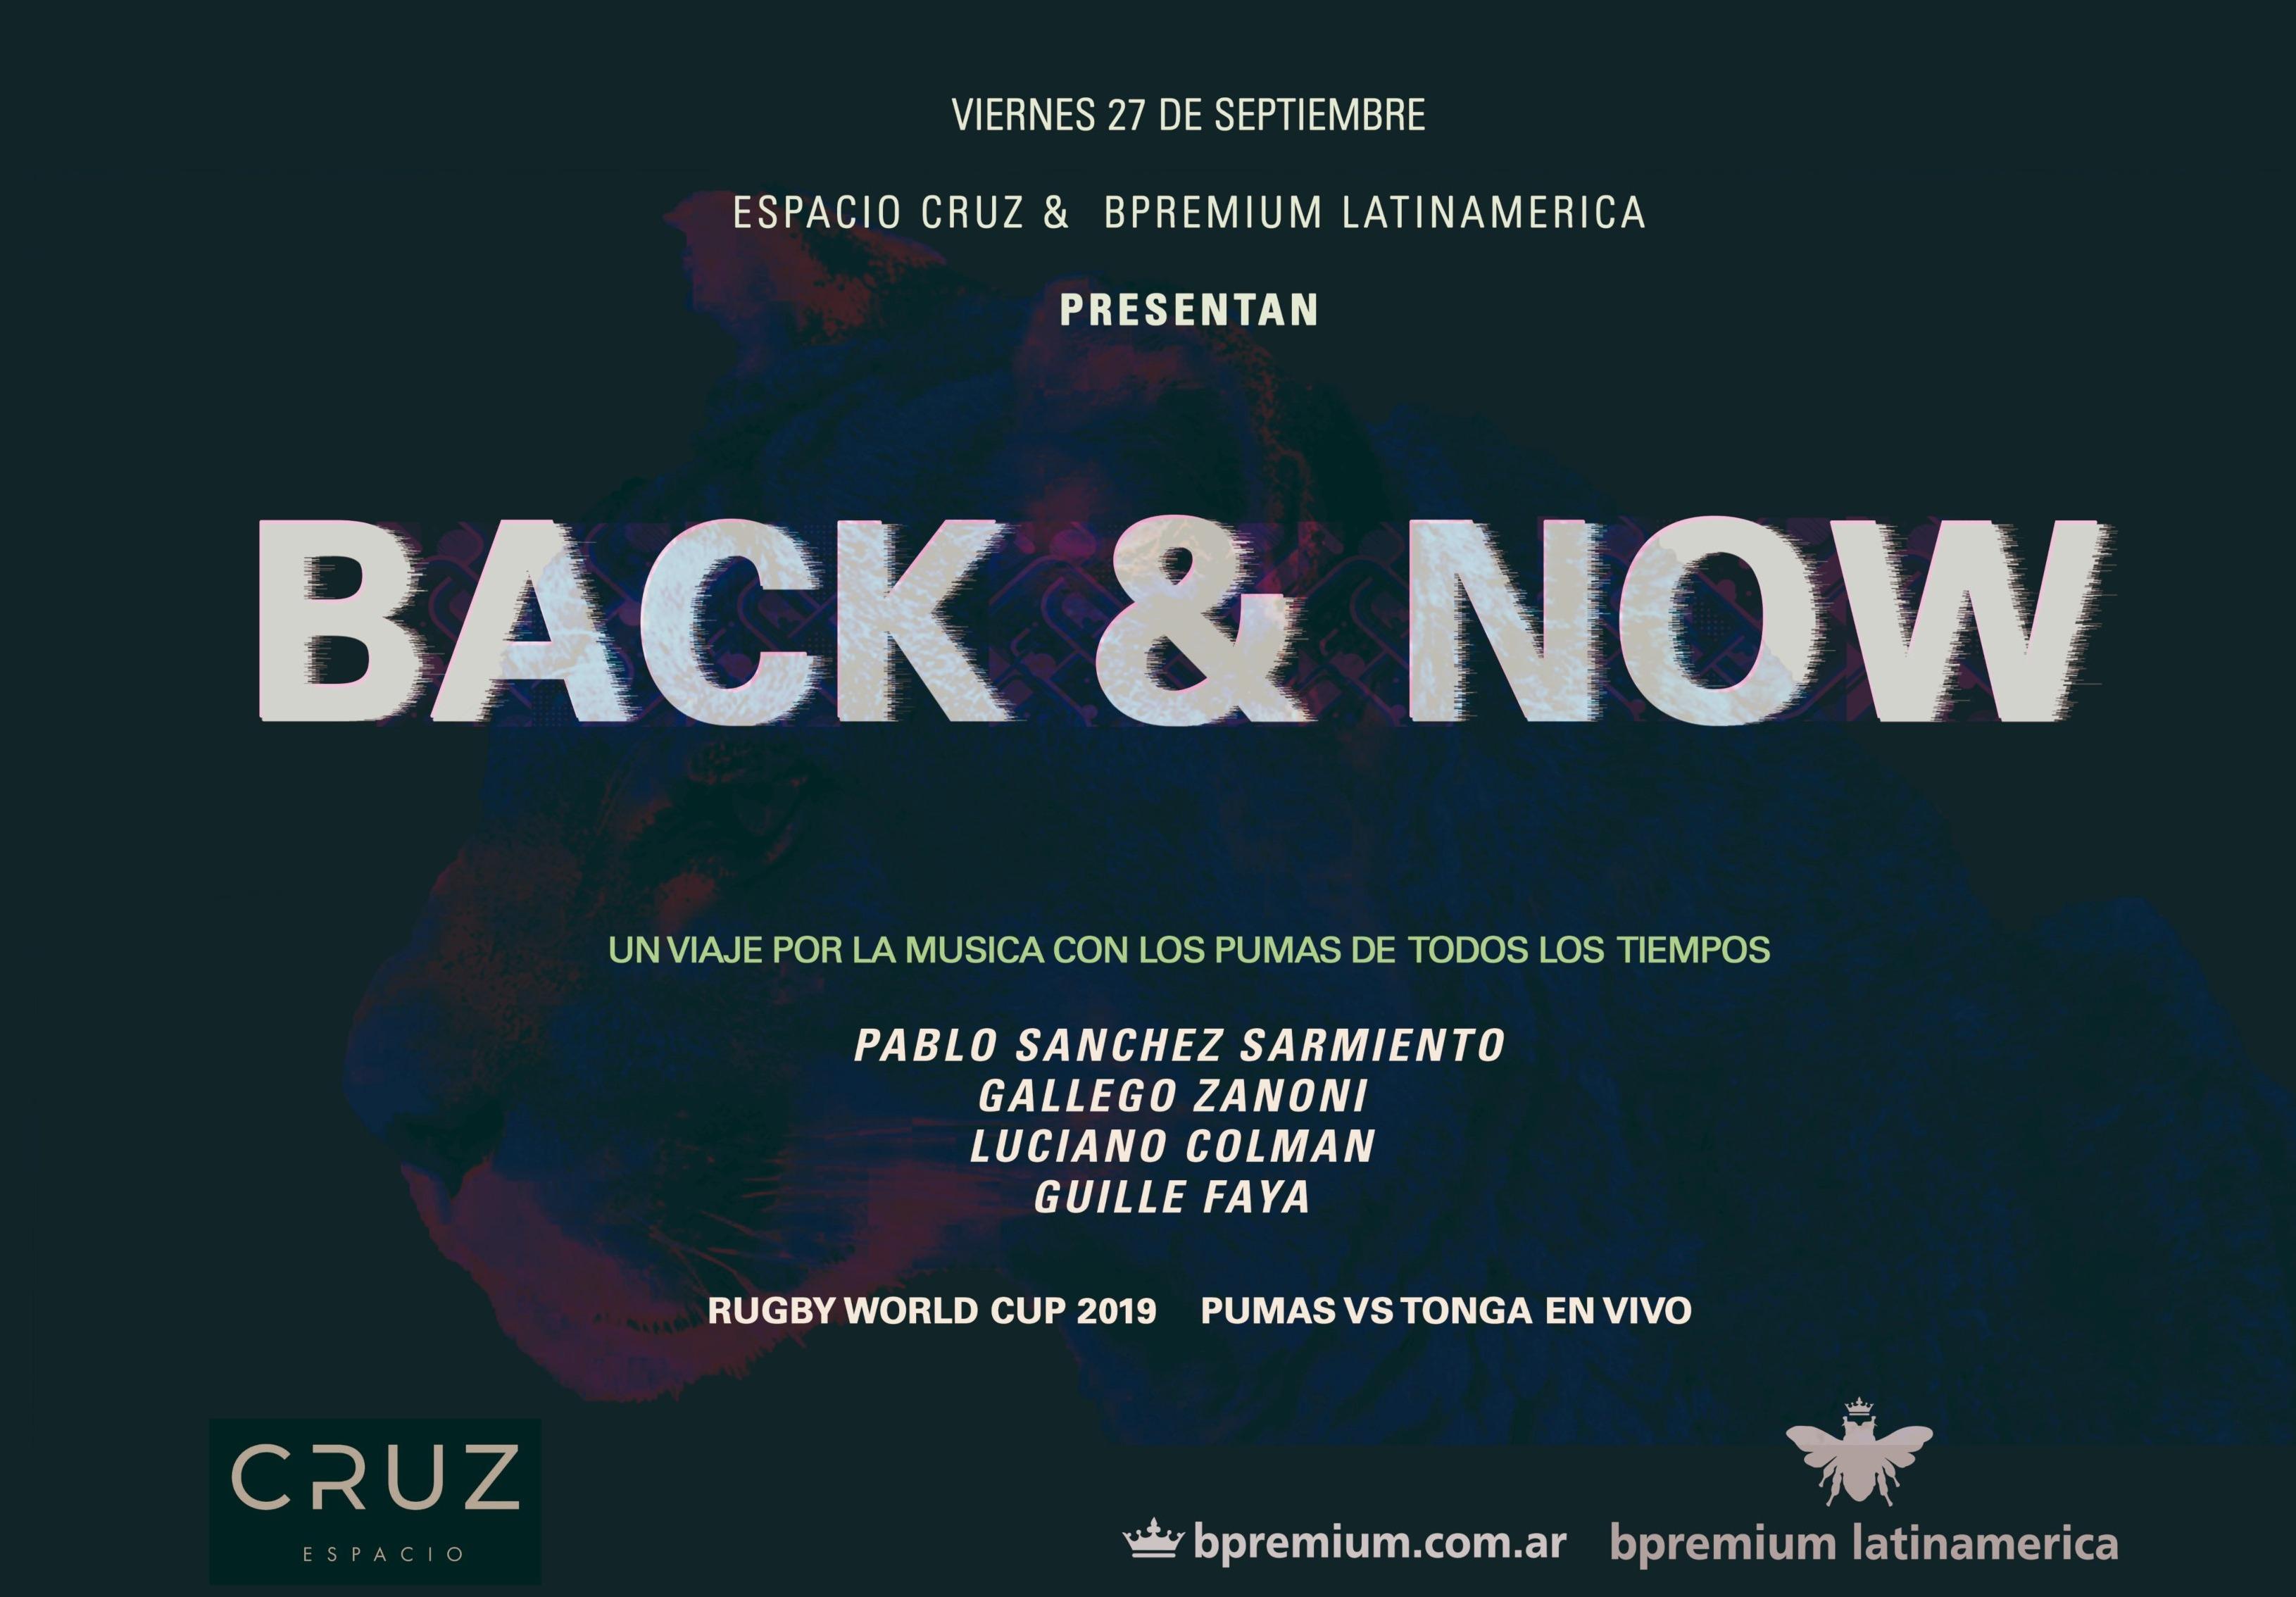 BACK @ NOW @ ESPACIO CRUZ By Bpremium Latinamerica - Club CRUZ ESPACIO